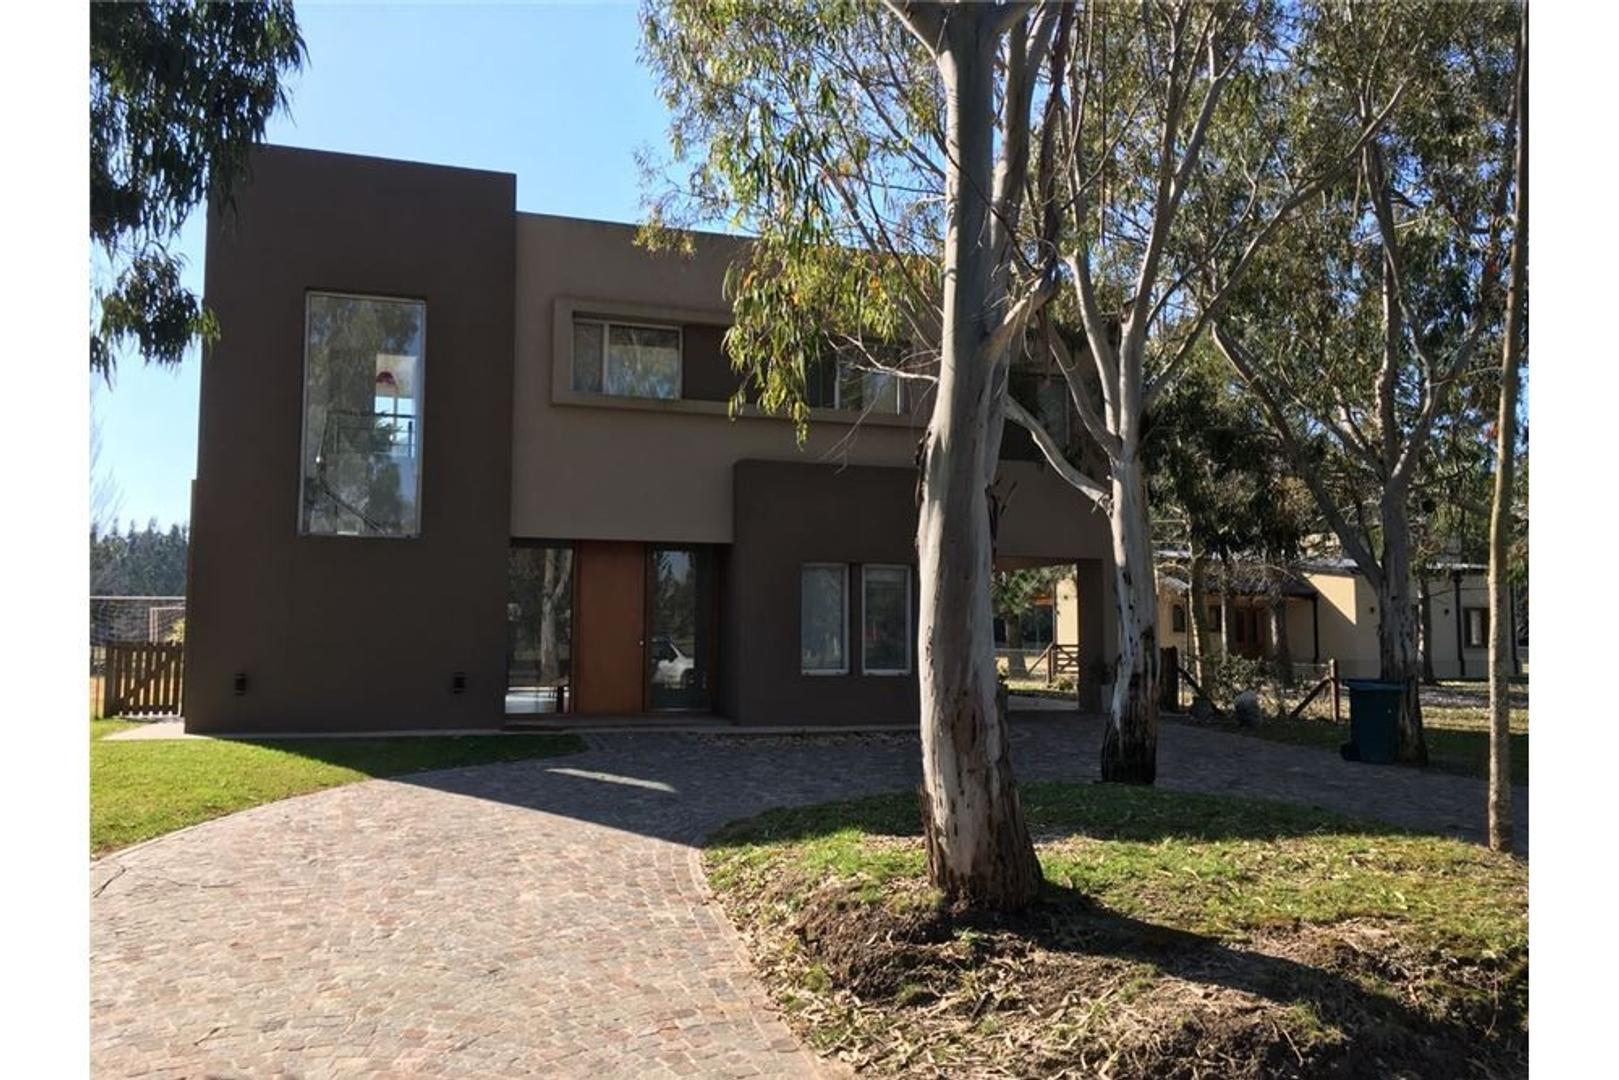 Casa en Venta en Club Miralagos - 5 ambientes